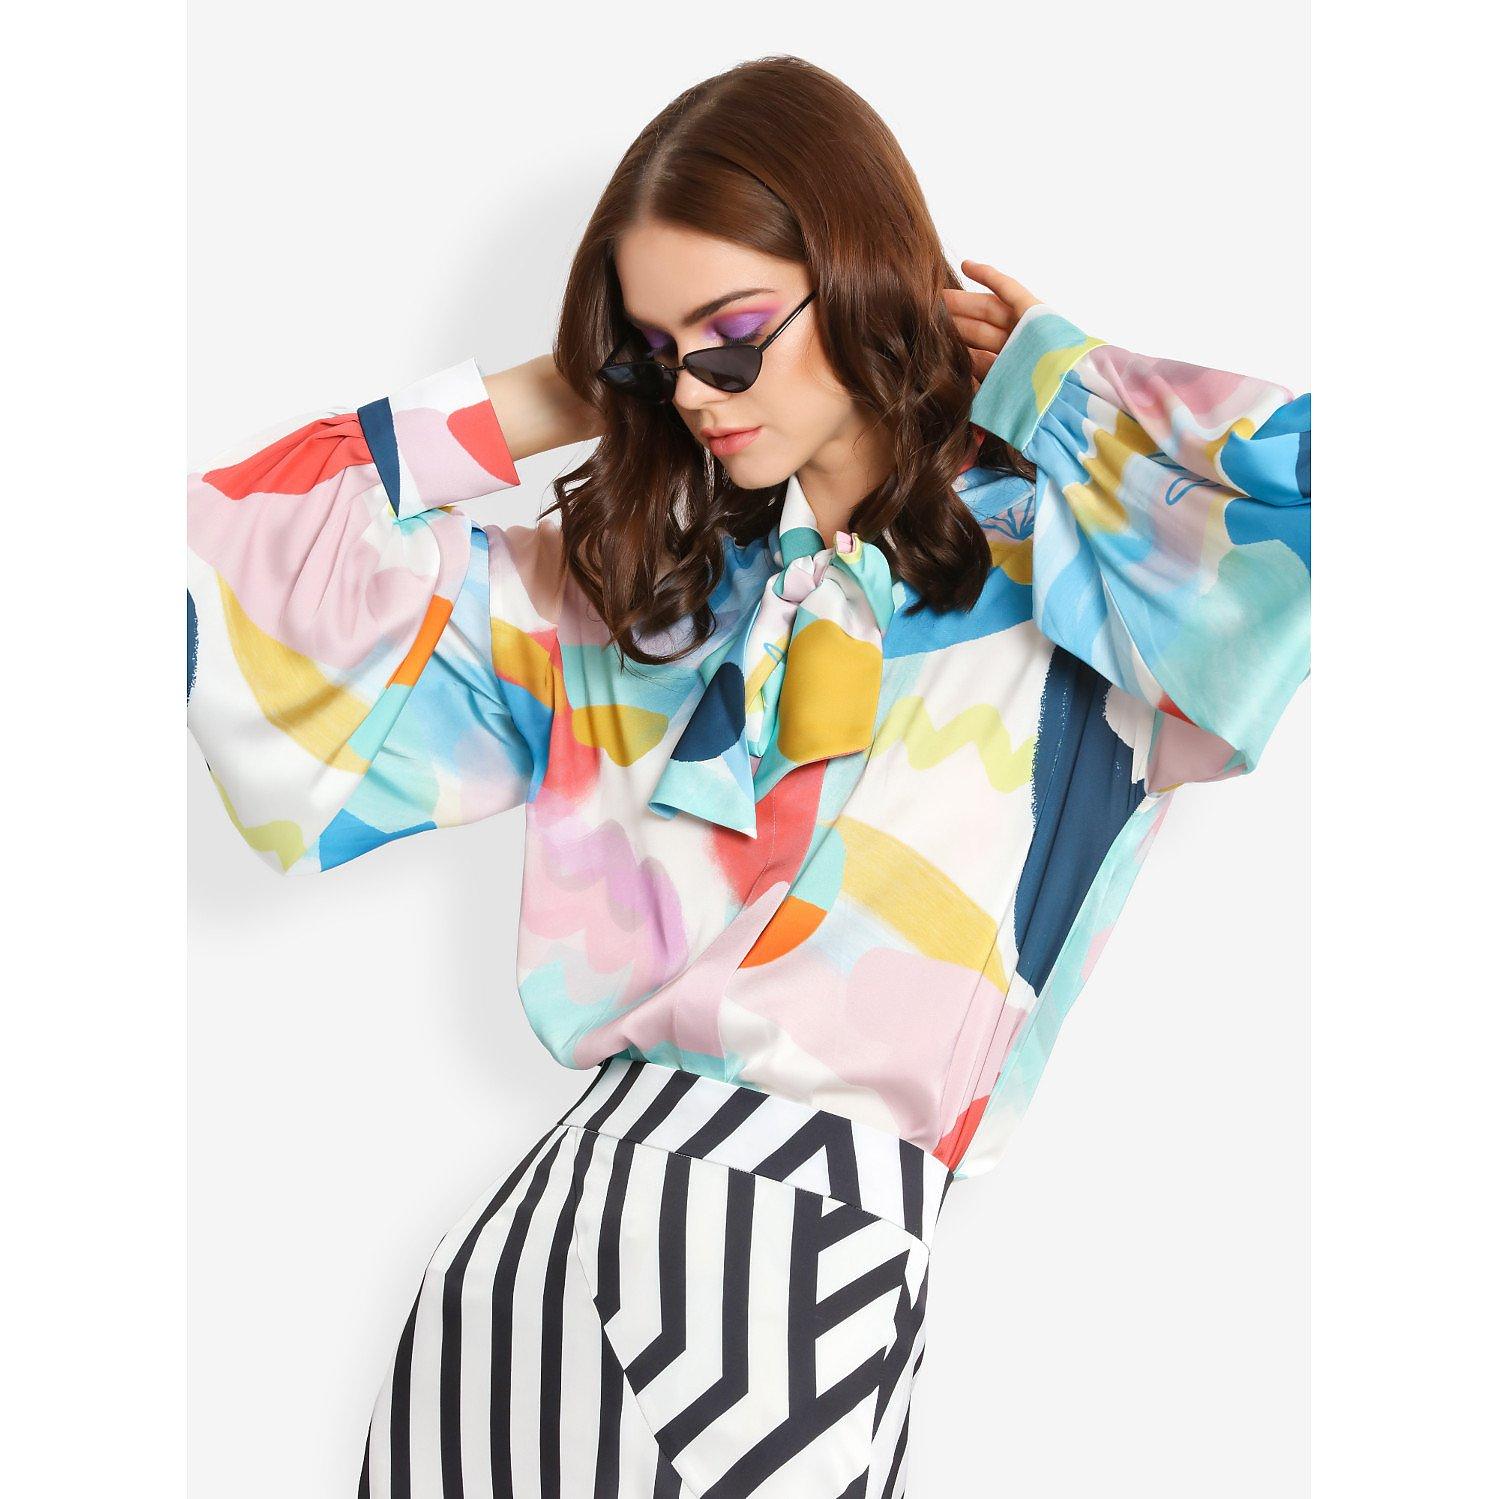 L'Mane Colourful Bow Shirt